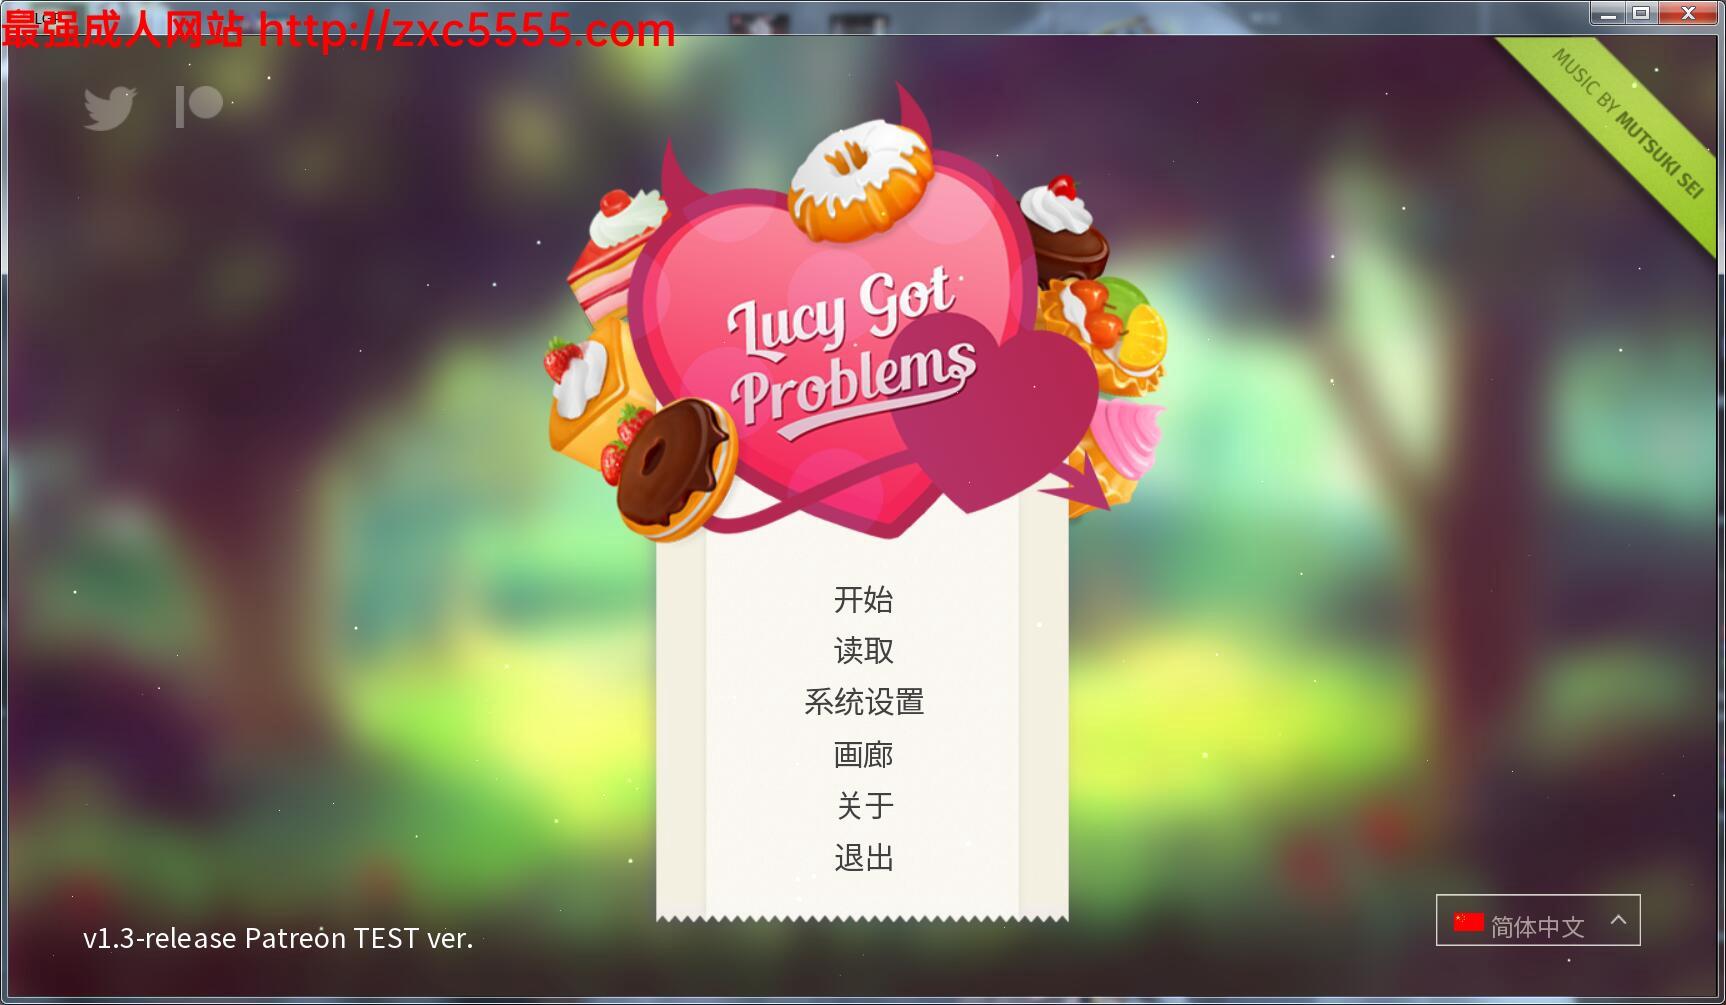 【ADV中文动态】露西惹了大麻烦?沙雕魅魔作死记!官方中文版【600N】